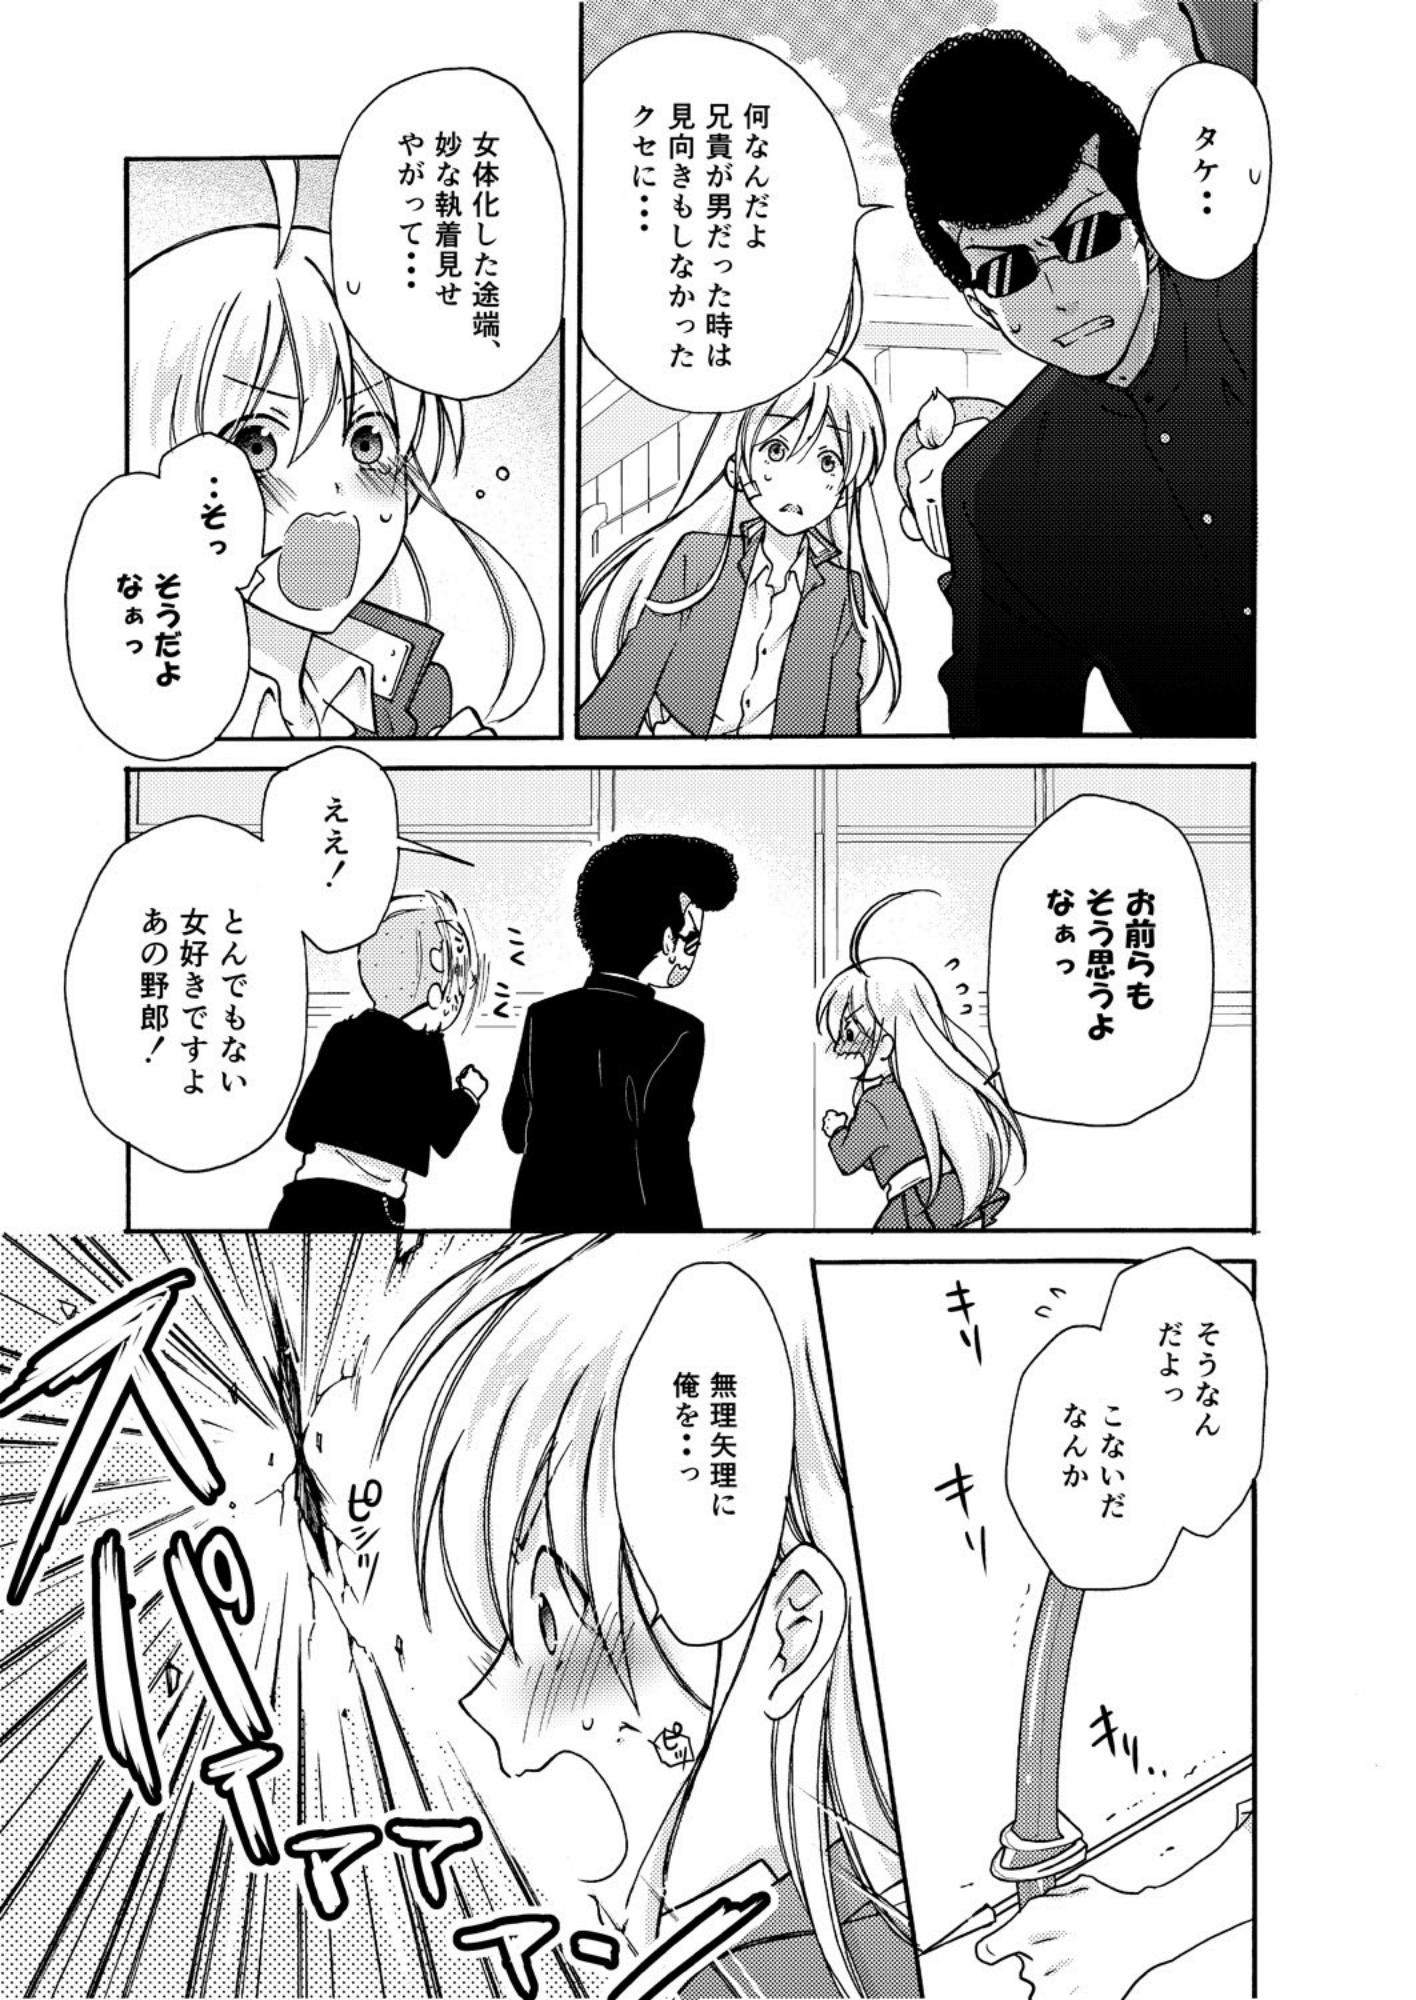 Nyotaika Yankee Gakuen ☆ Ore no Hajimete, Nerawaretemasu. 5 19